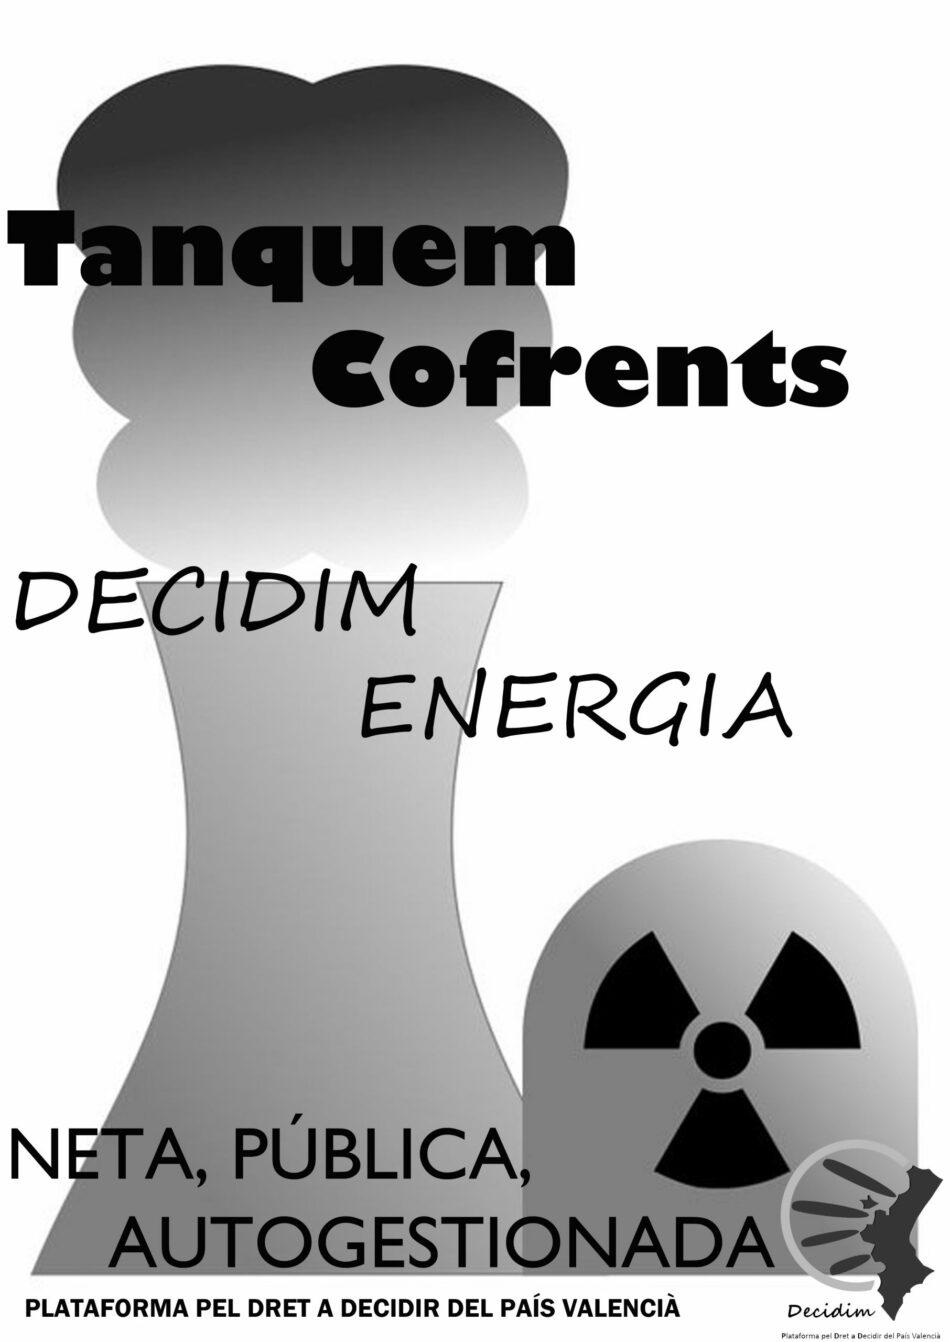 La Plataforma Pel Dret a Decidir del País Valencià amb el tancament de la central nuclear de Cofrents